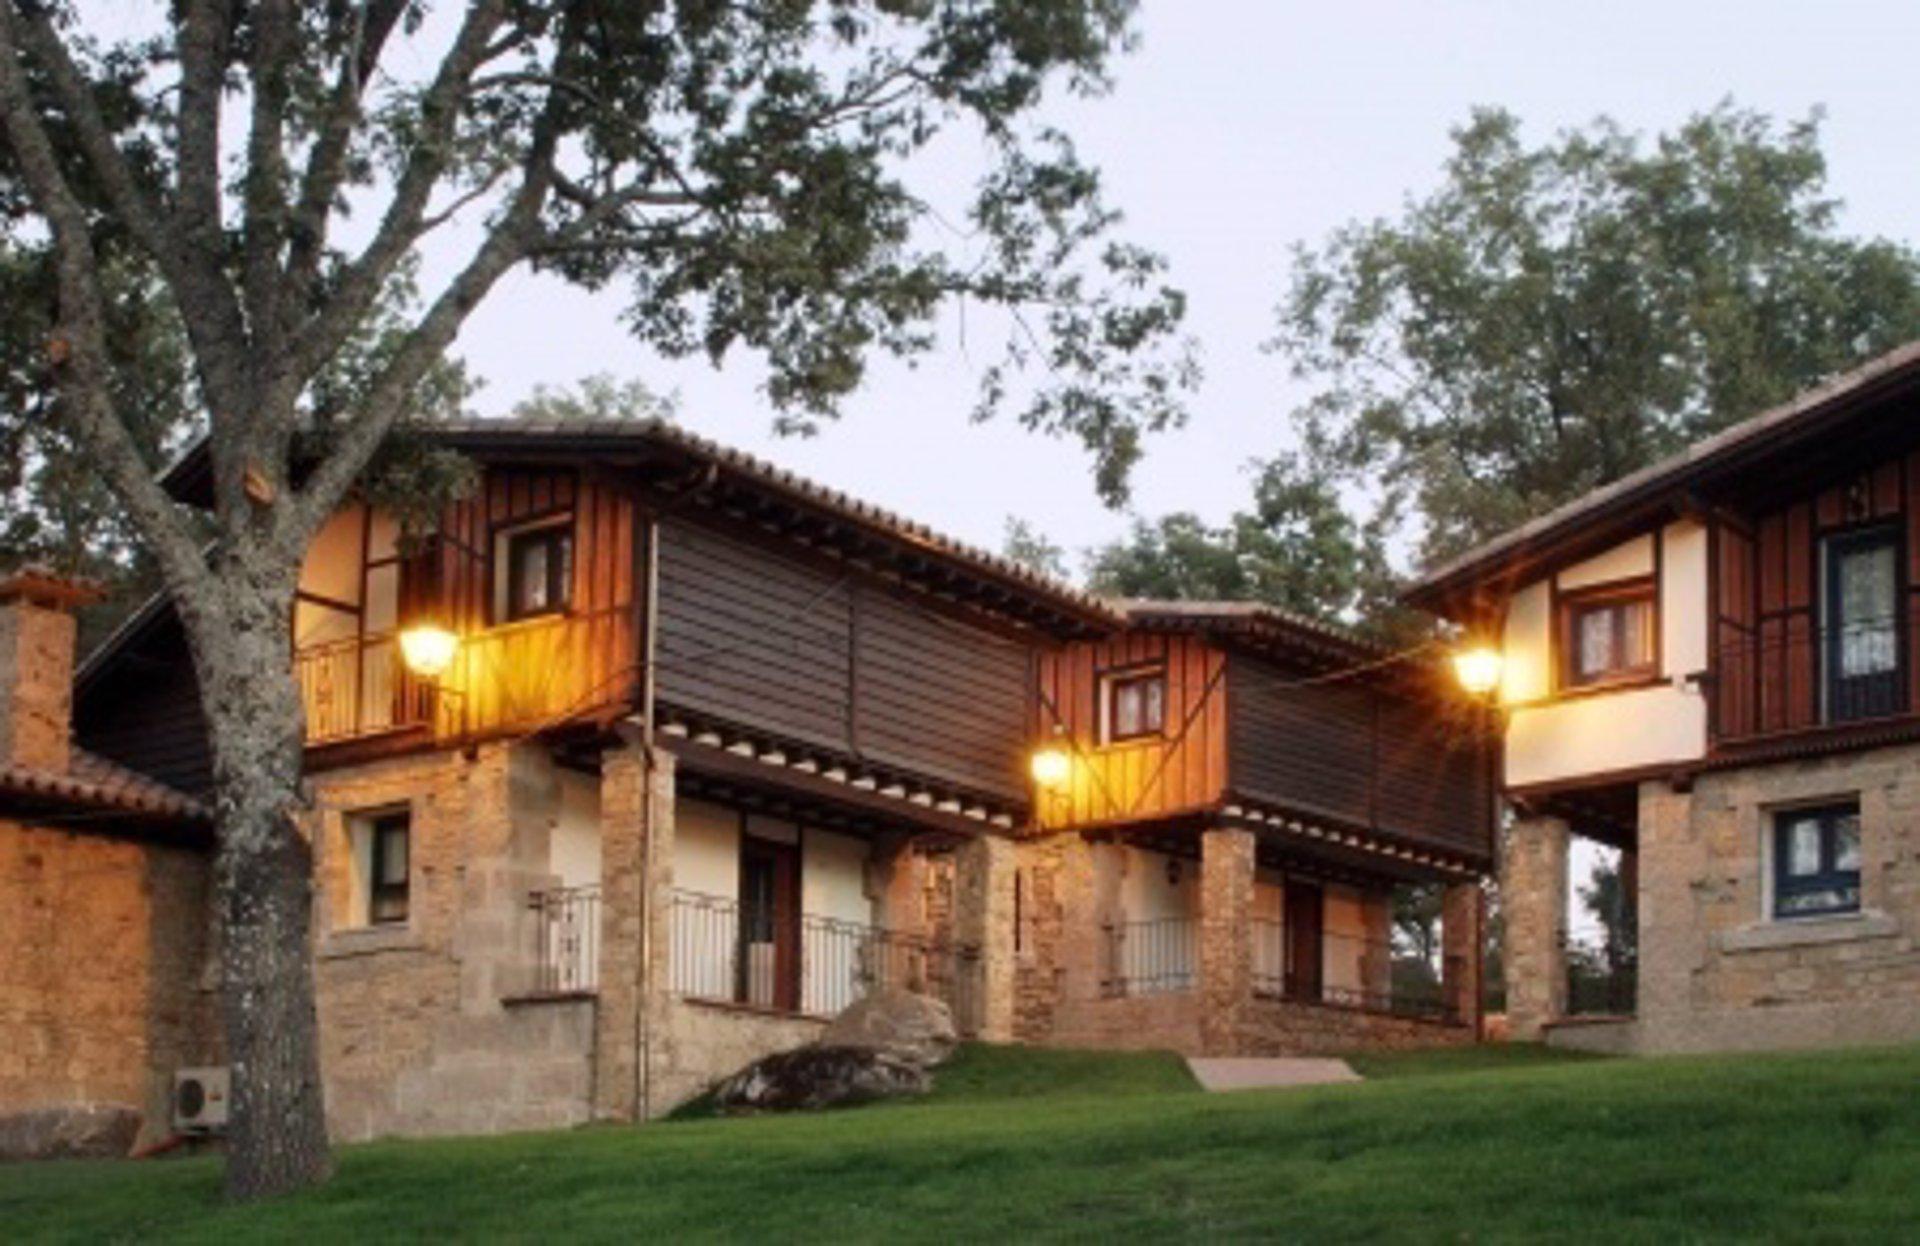 Candeleda aldeaduero y la alberca se convierte en 39 pueblo for Imagenes de la alberca salamanca